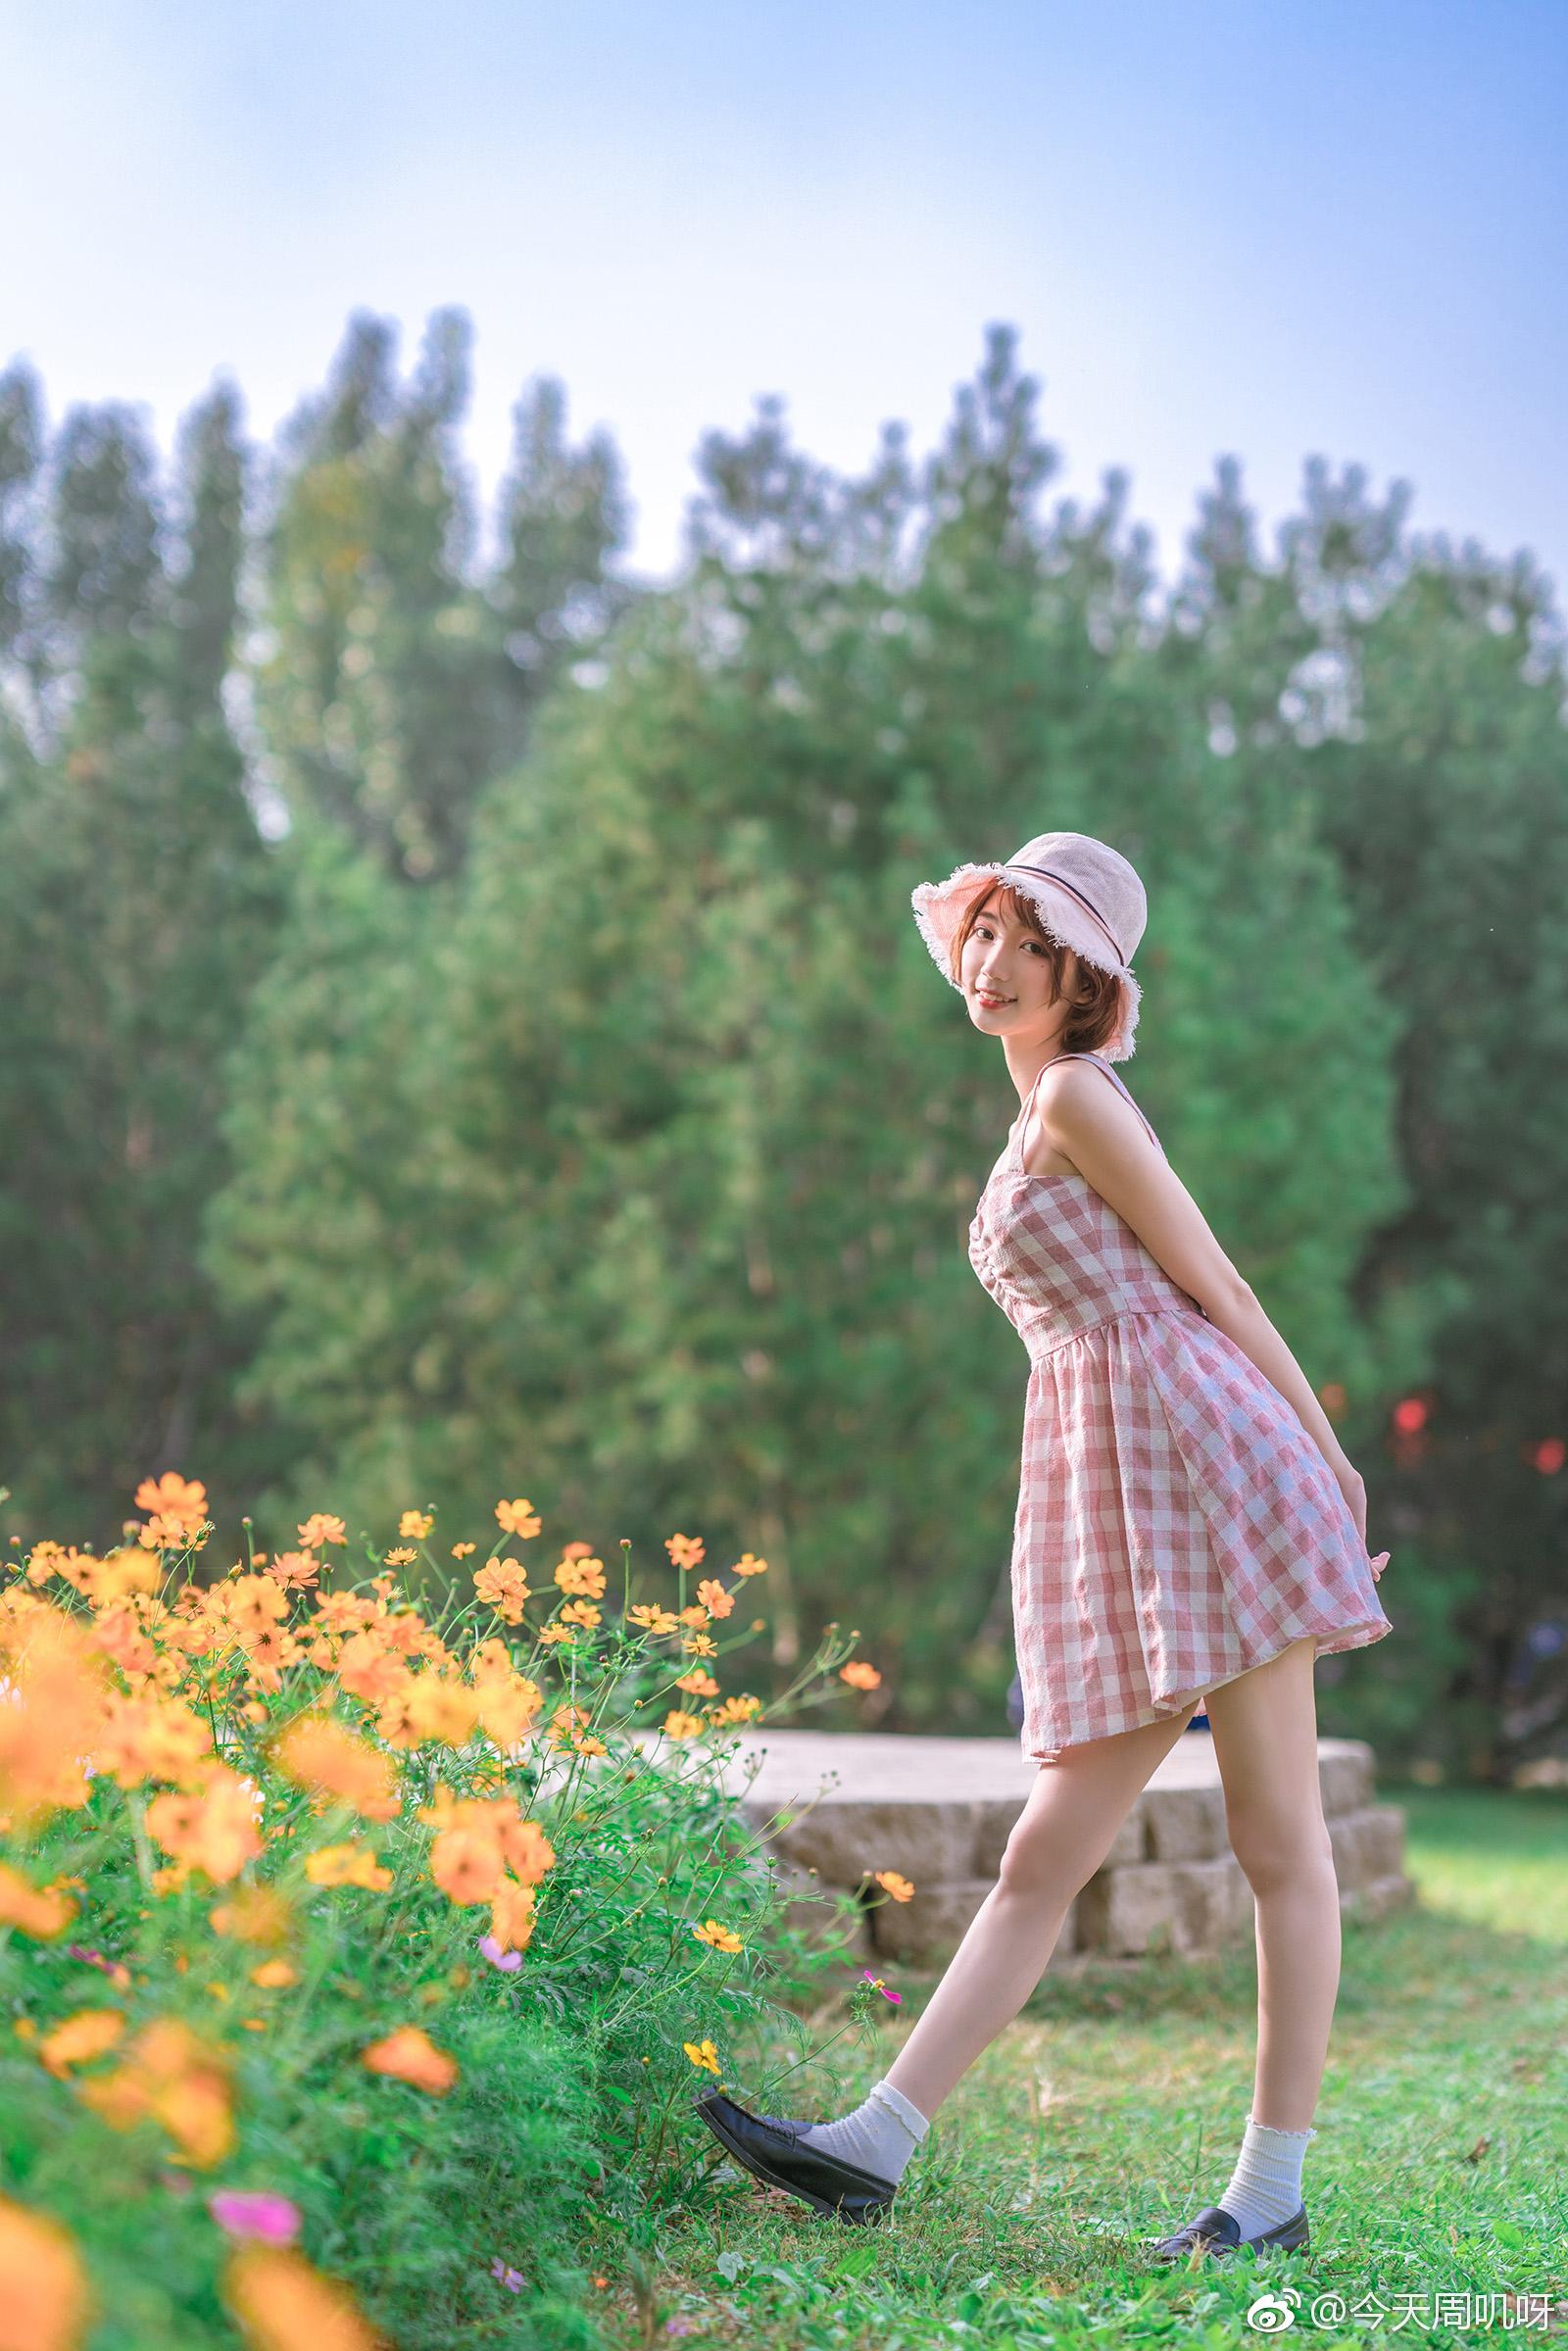 天气太好了,想拽你的衣角出门。人们看花,我看你。